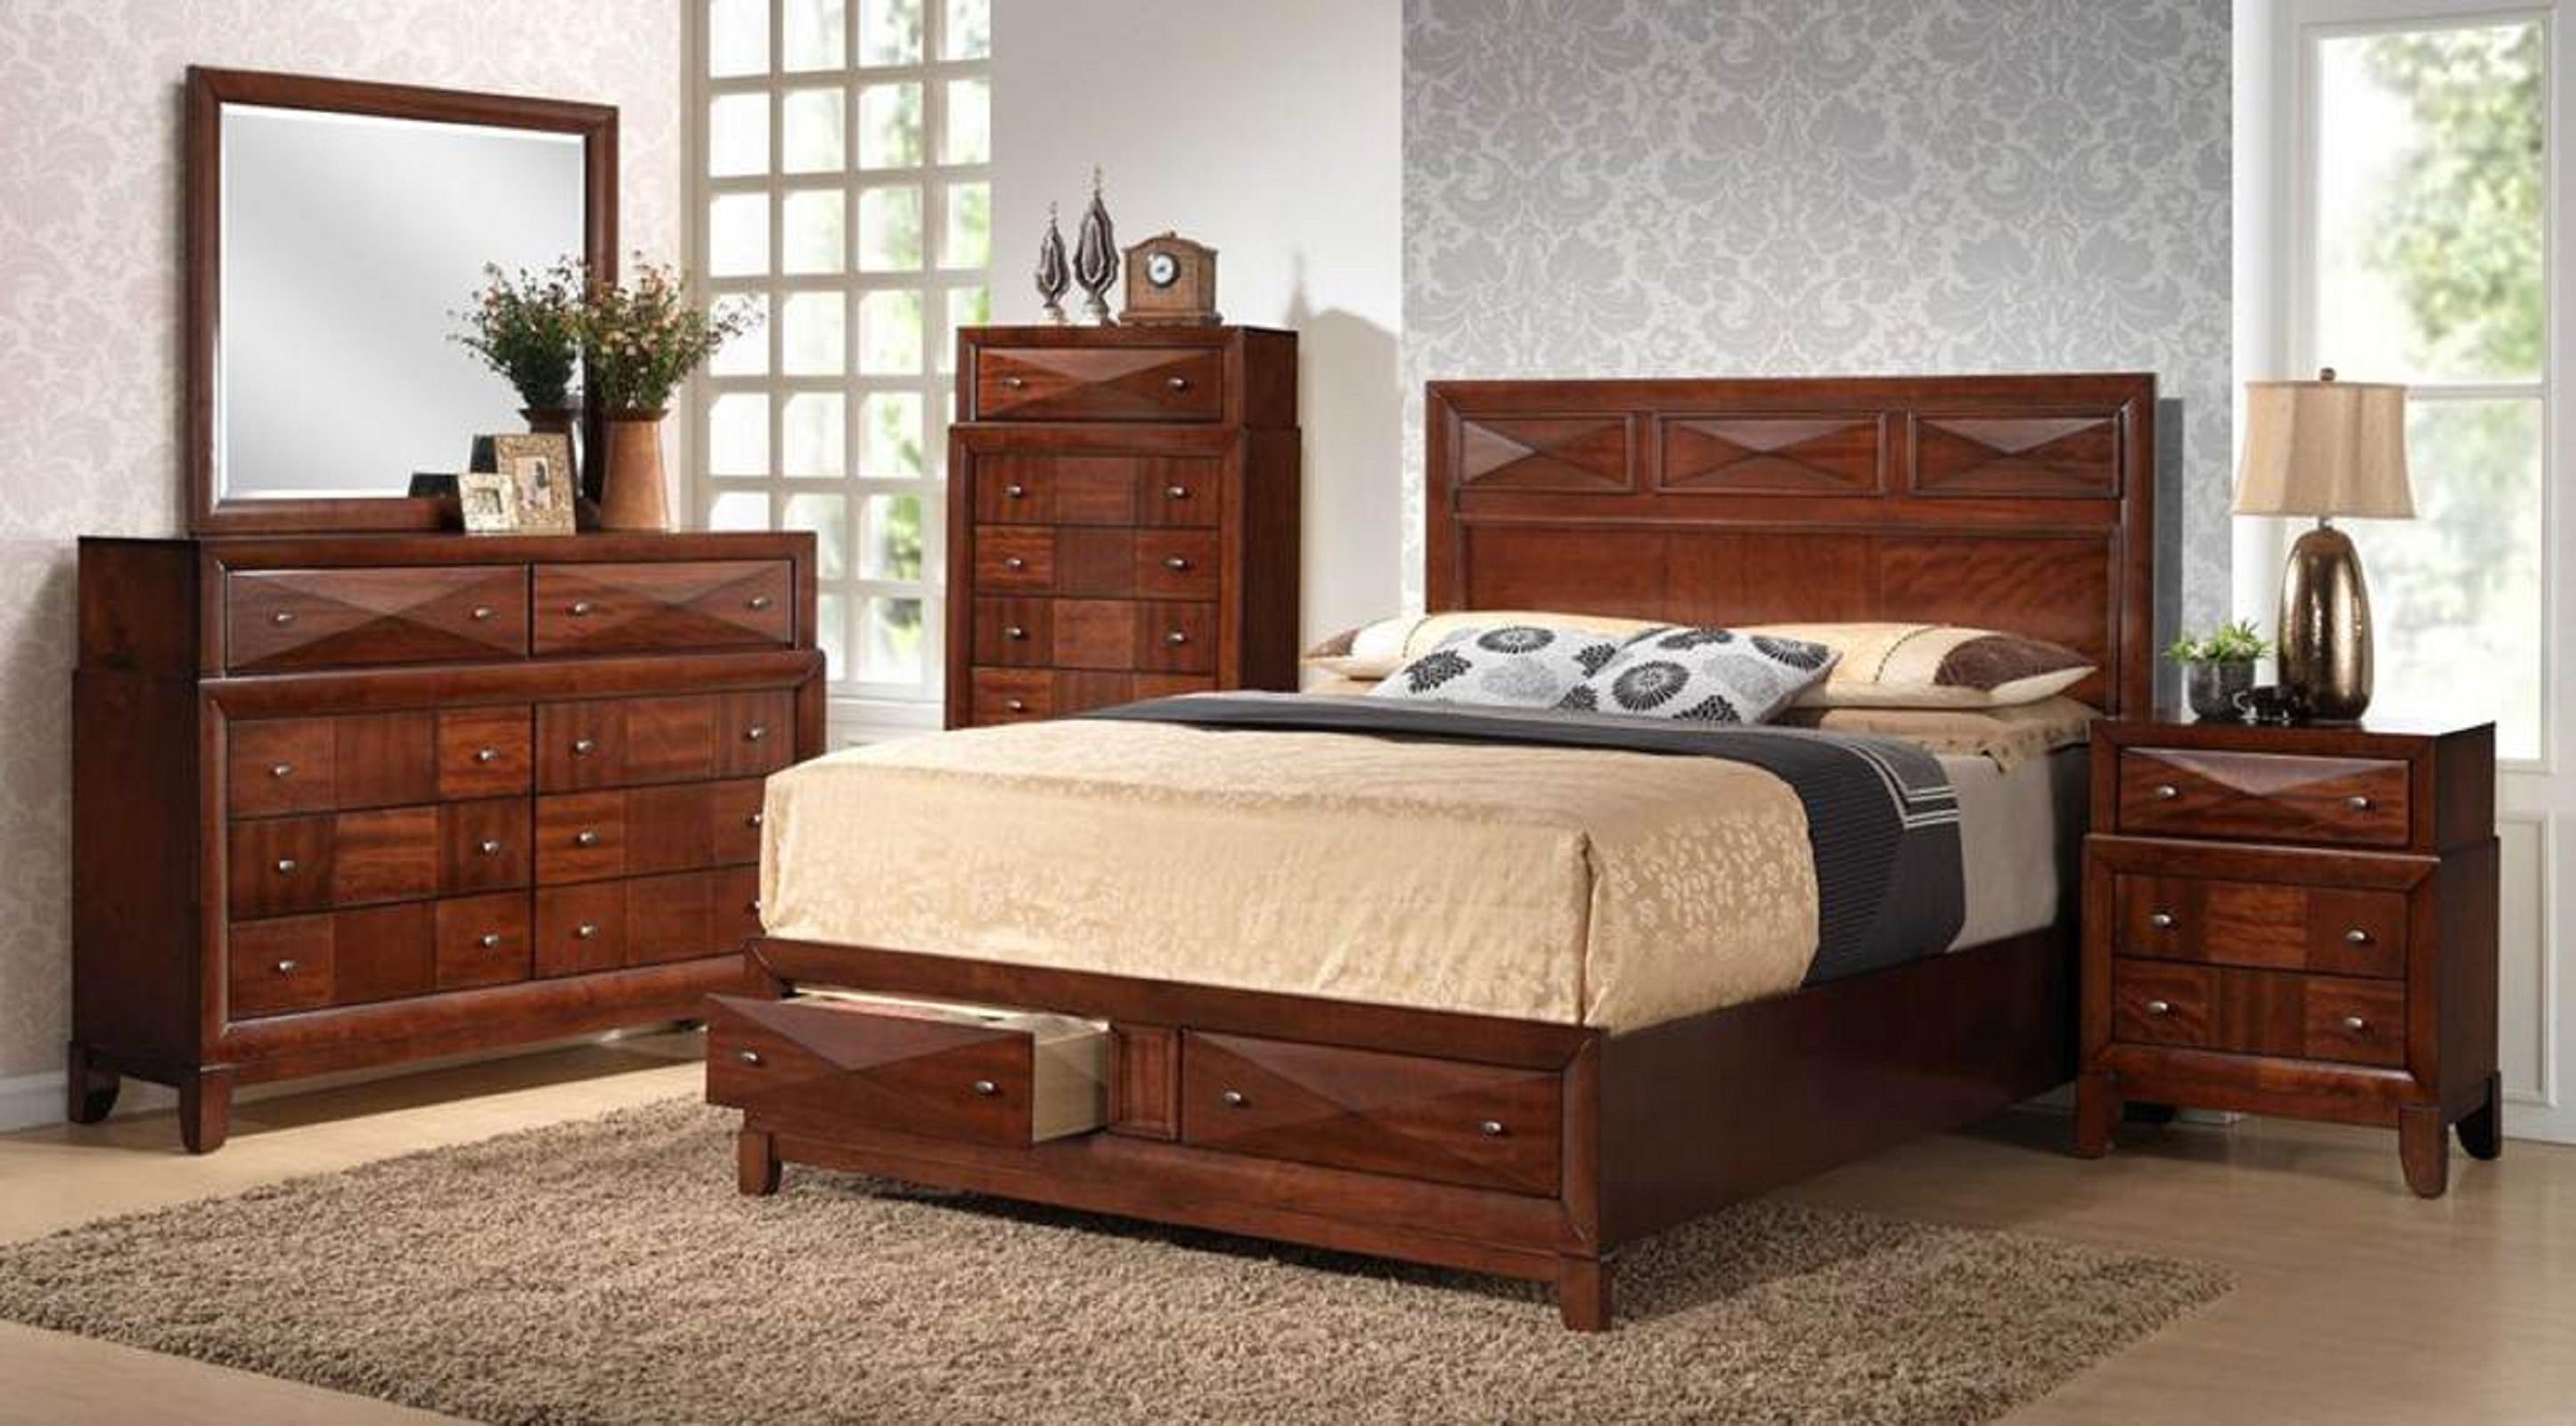 Kingsbury Queen 5 pc Bedroom Set